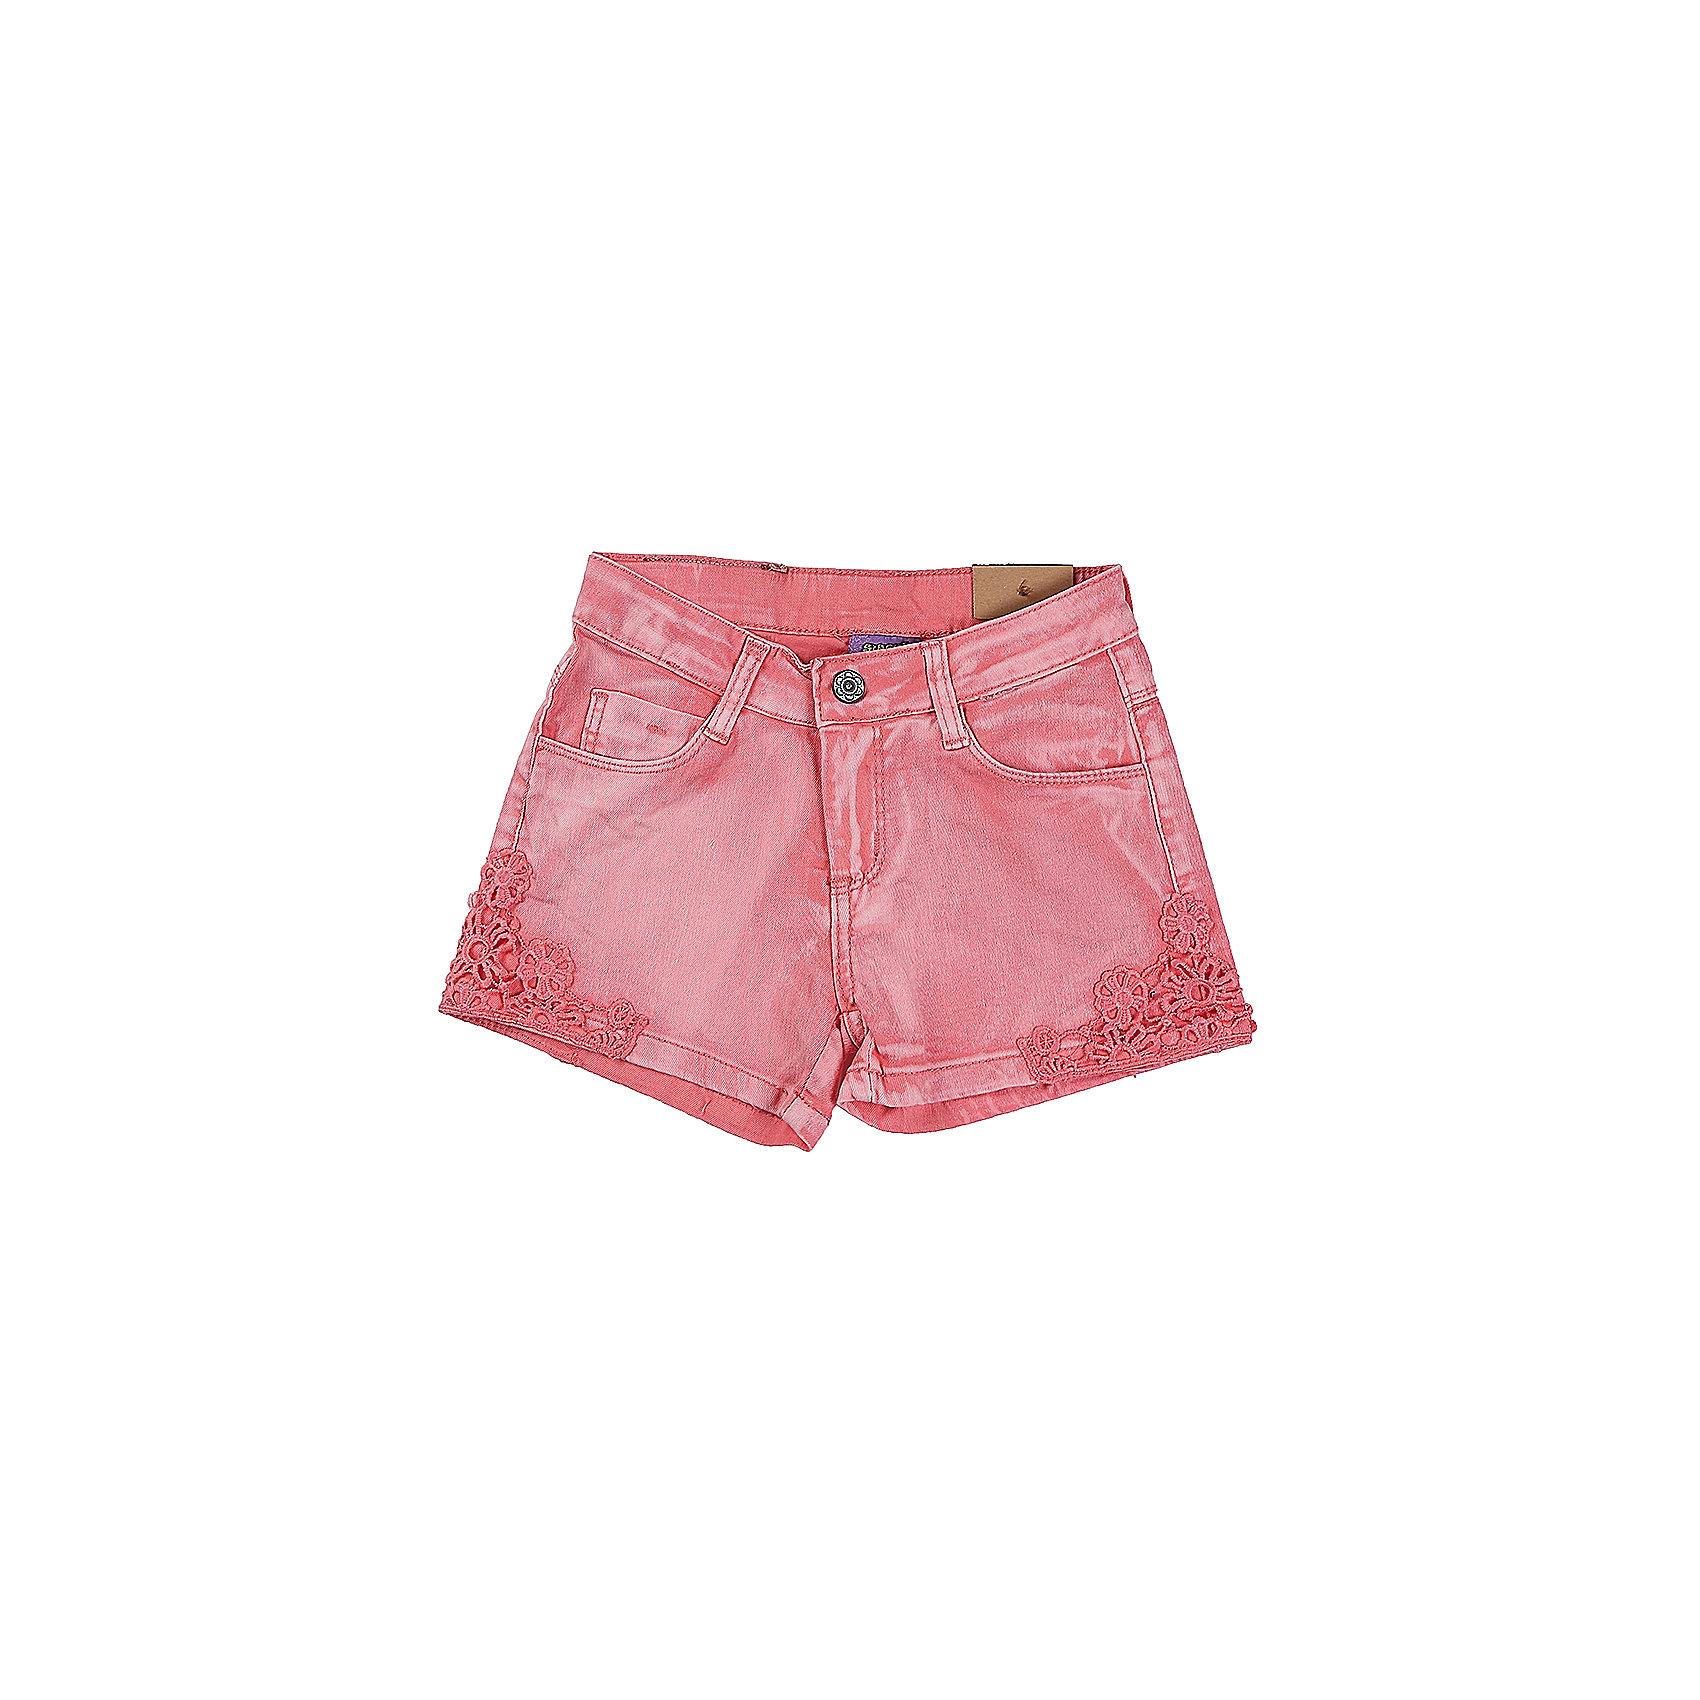 Шорты для девочки Sweet BerryШорты, бриджи, капри<br>Коралловые джинсовые шорты для девочки. Низ брючен декорирован кружевным плетением.  В боковой части пояса находятся вшитые эластичные ленты, регулирующие посадку по талии.<br>Состав:<br>98%хлопок 2%эластан<br><br>Ширина мм: 191<br>Глубина мм: 10<br>Высота мм: 175<br>Вес г: 273<br>Цвет: розовый<br>Возраст от месяцев: 36<br>Возраст до месяцев: 48<br>Пол: Женский<br>Возраст: Детский<br>Размер: 104,98,110,116,122,128<br>SKU: 5412418